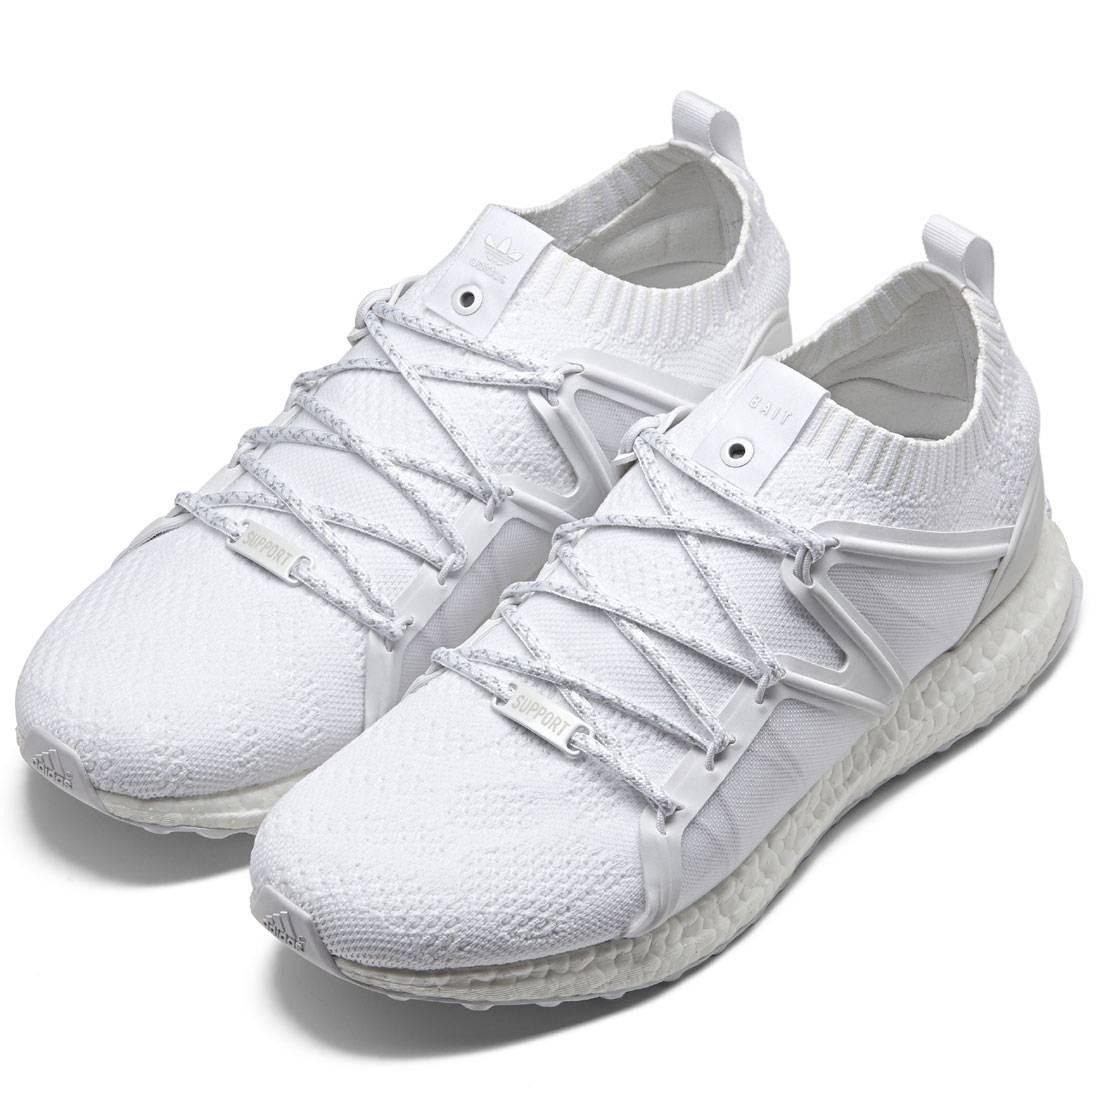 save off df8eb 4e351 BAIT x Adidas Consortium EQT Support 93/16 R&D US Men Size 9